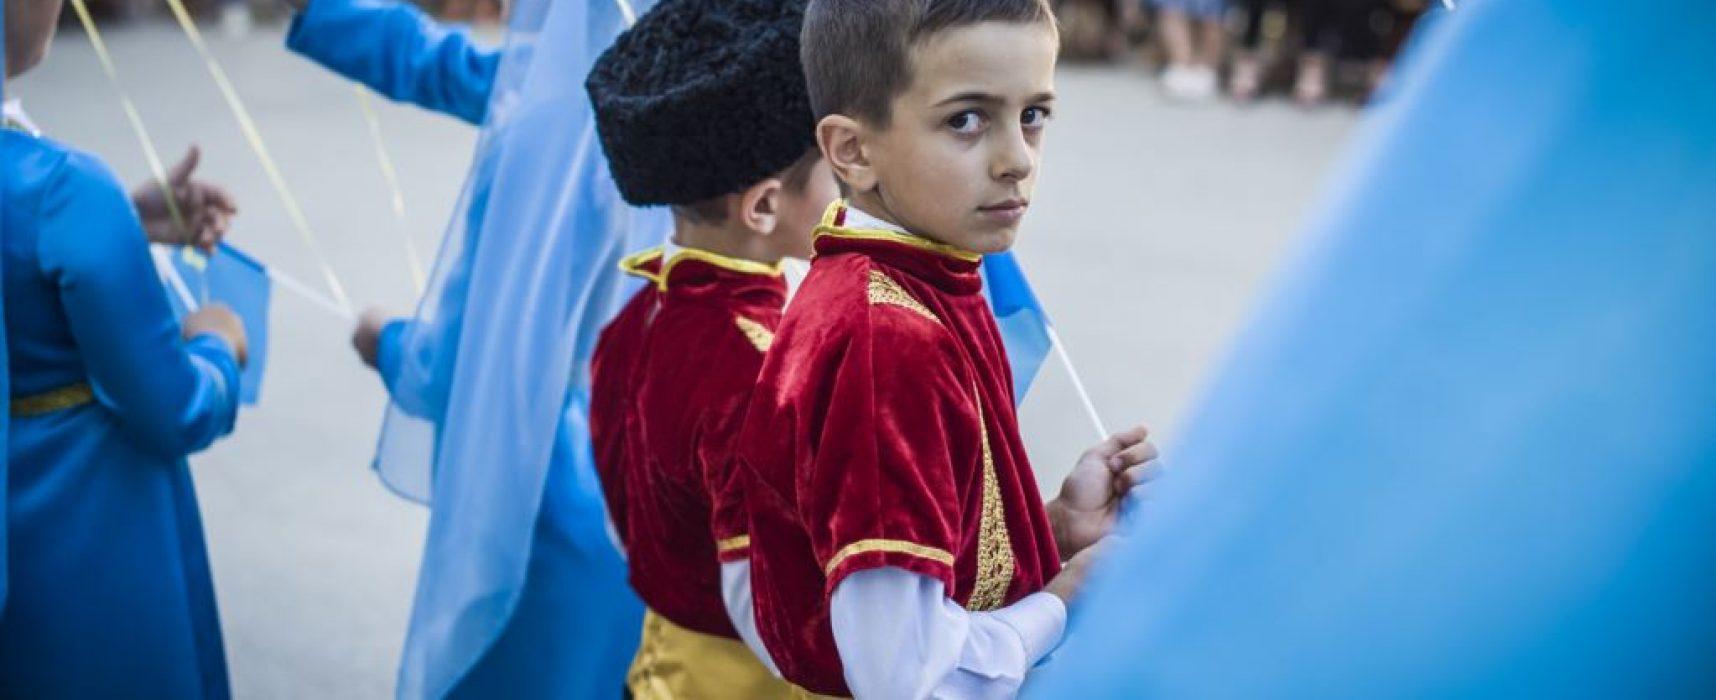 Фотографу, що співпрацює із Крым.Реалии, Росія заборонила в'їзд у Крим